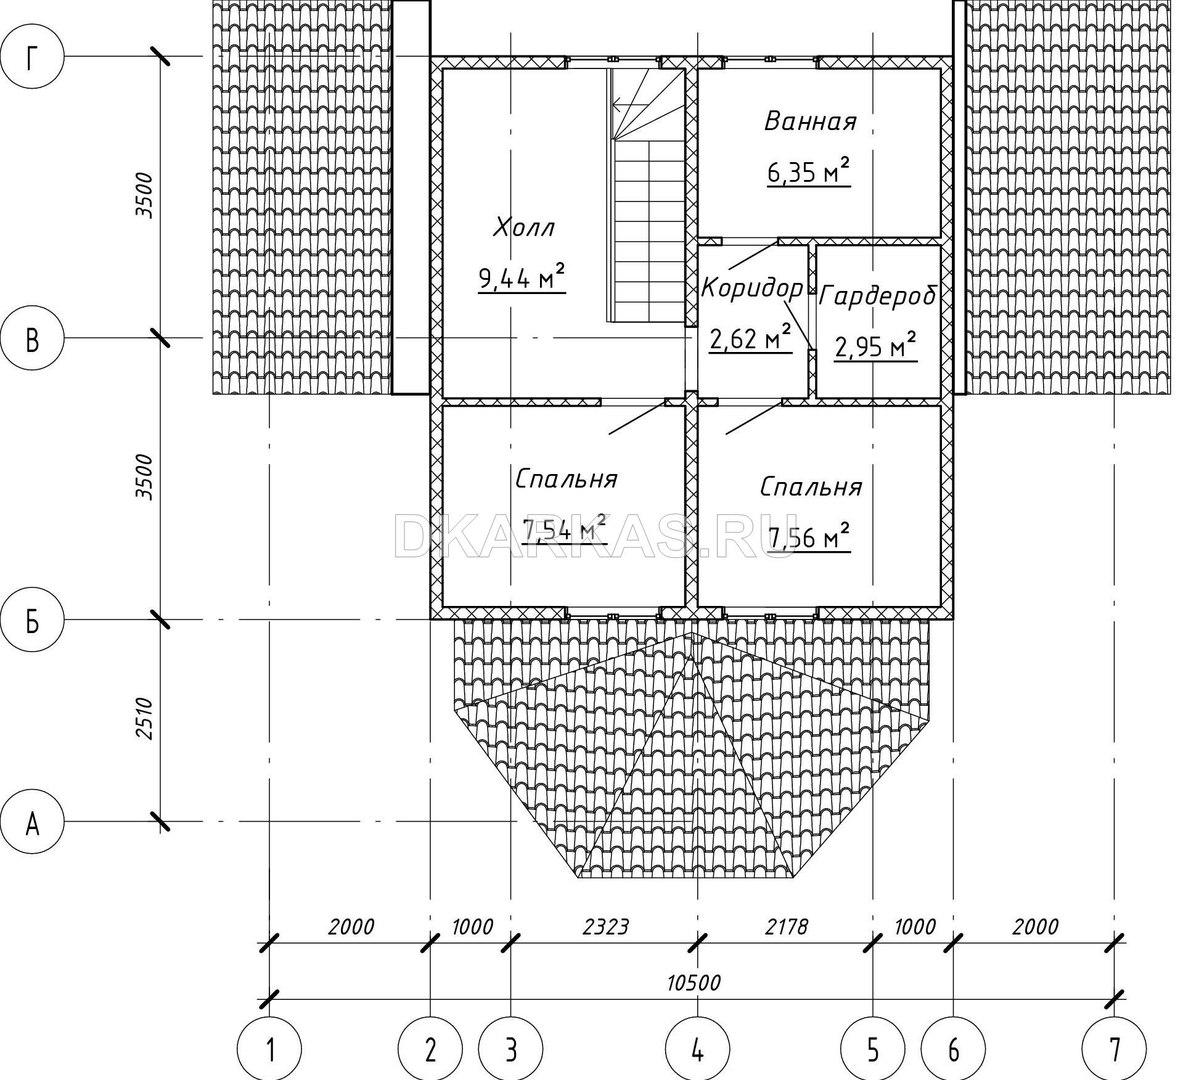 Силовой каркас дома КД-73 план